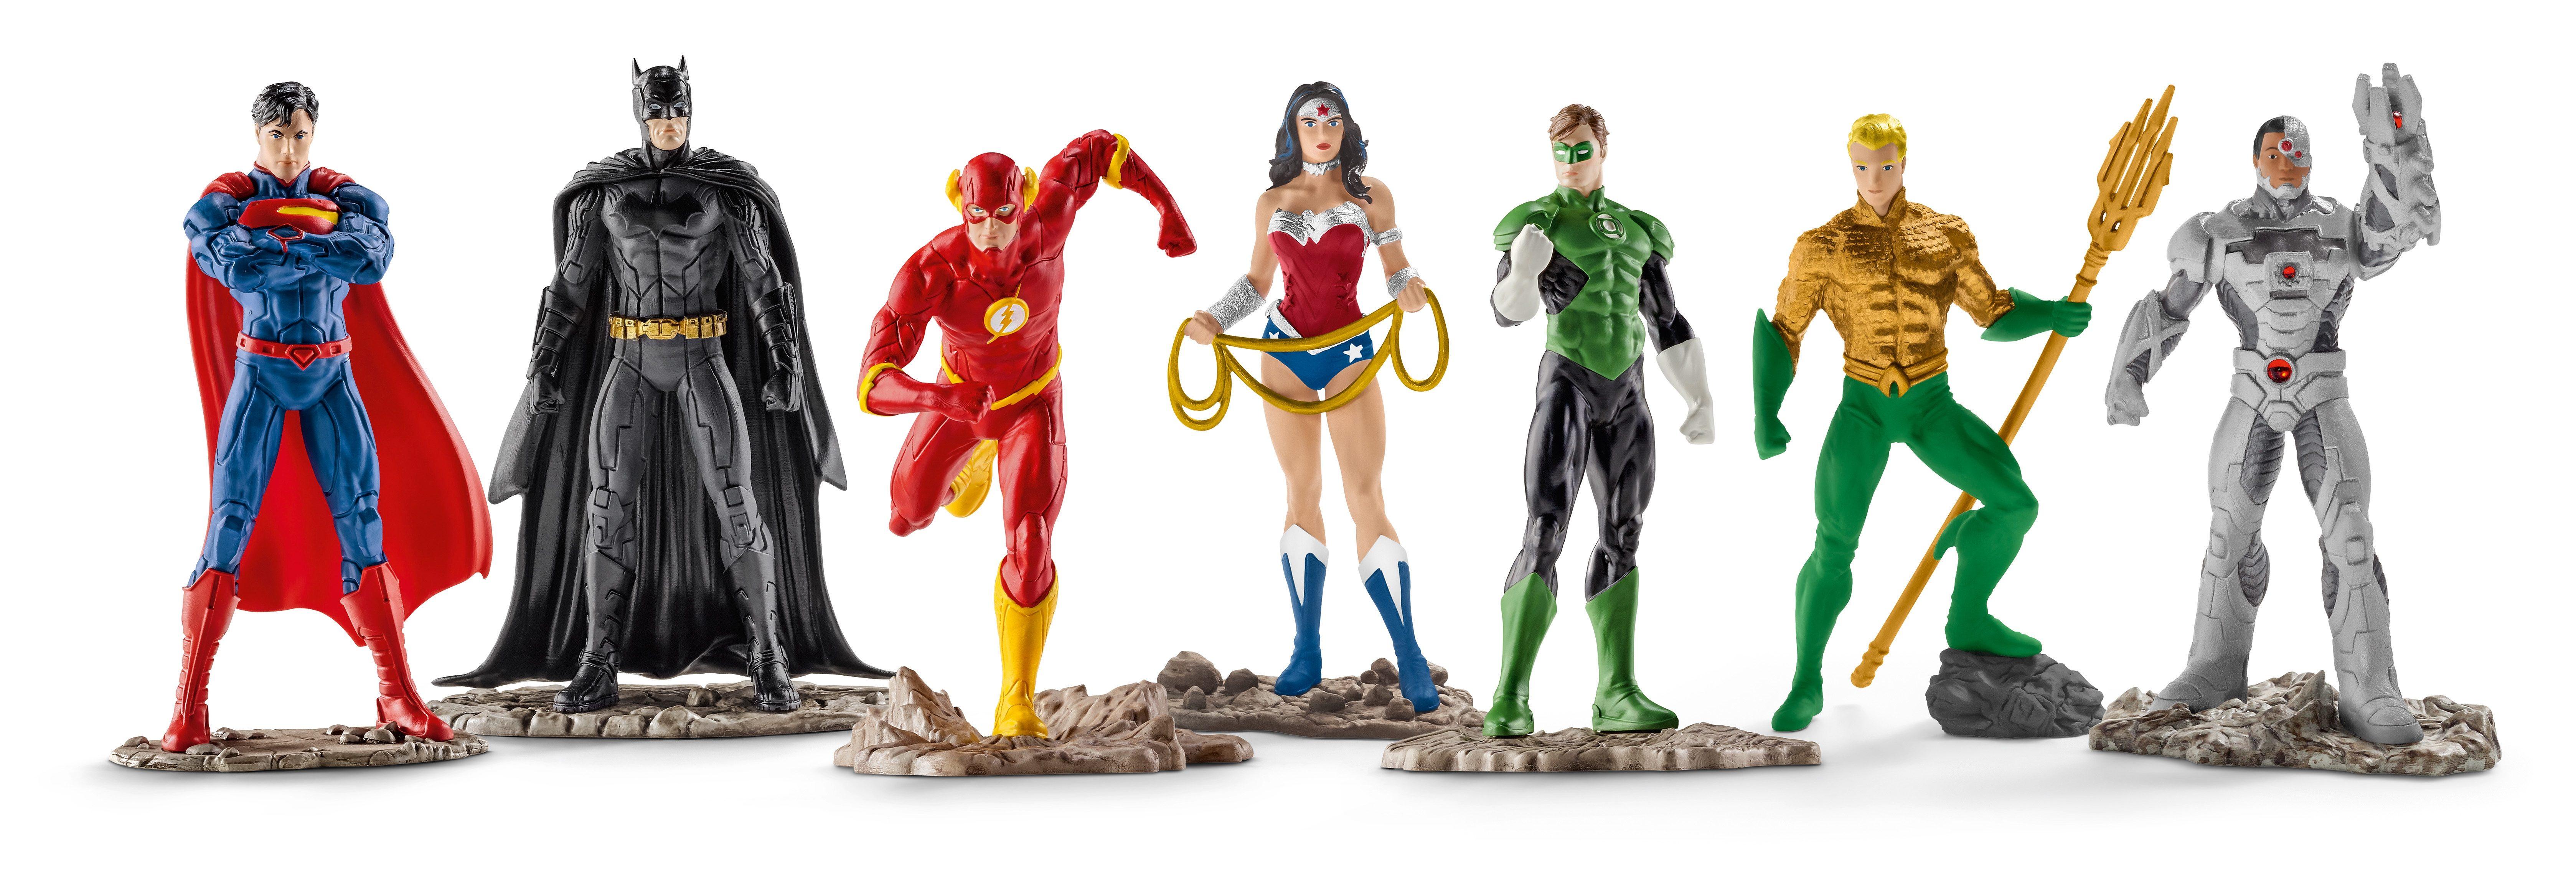 Schleich® Spielfigurenset, »DC Comics™ Justice League - The Justice League« (7tlg.)